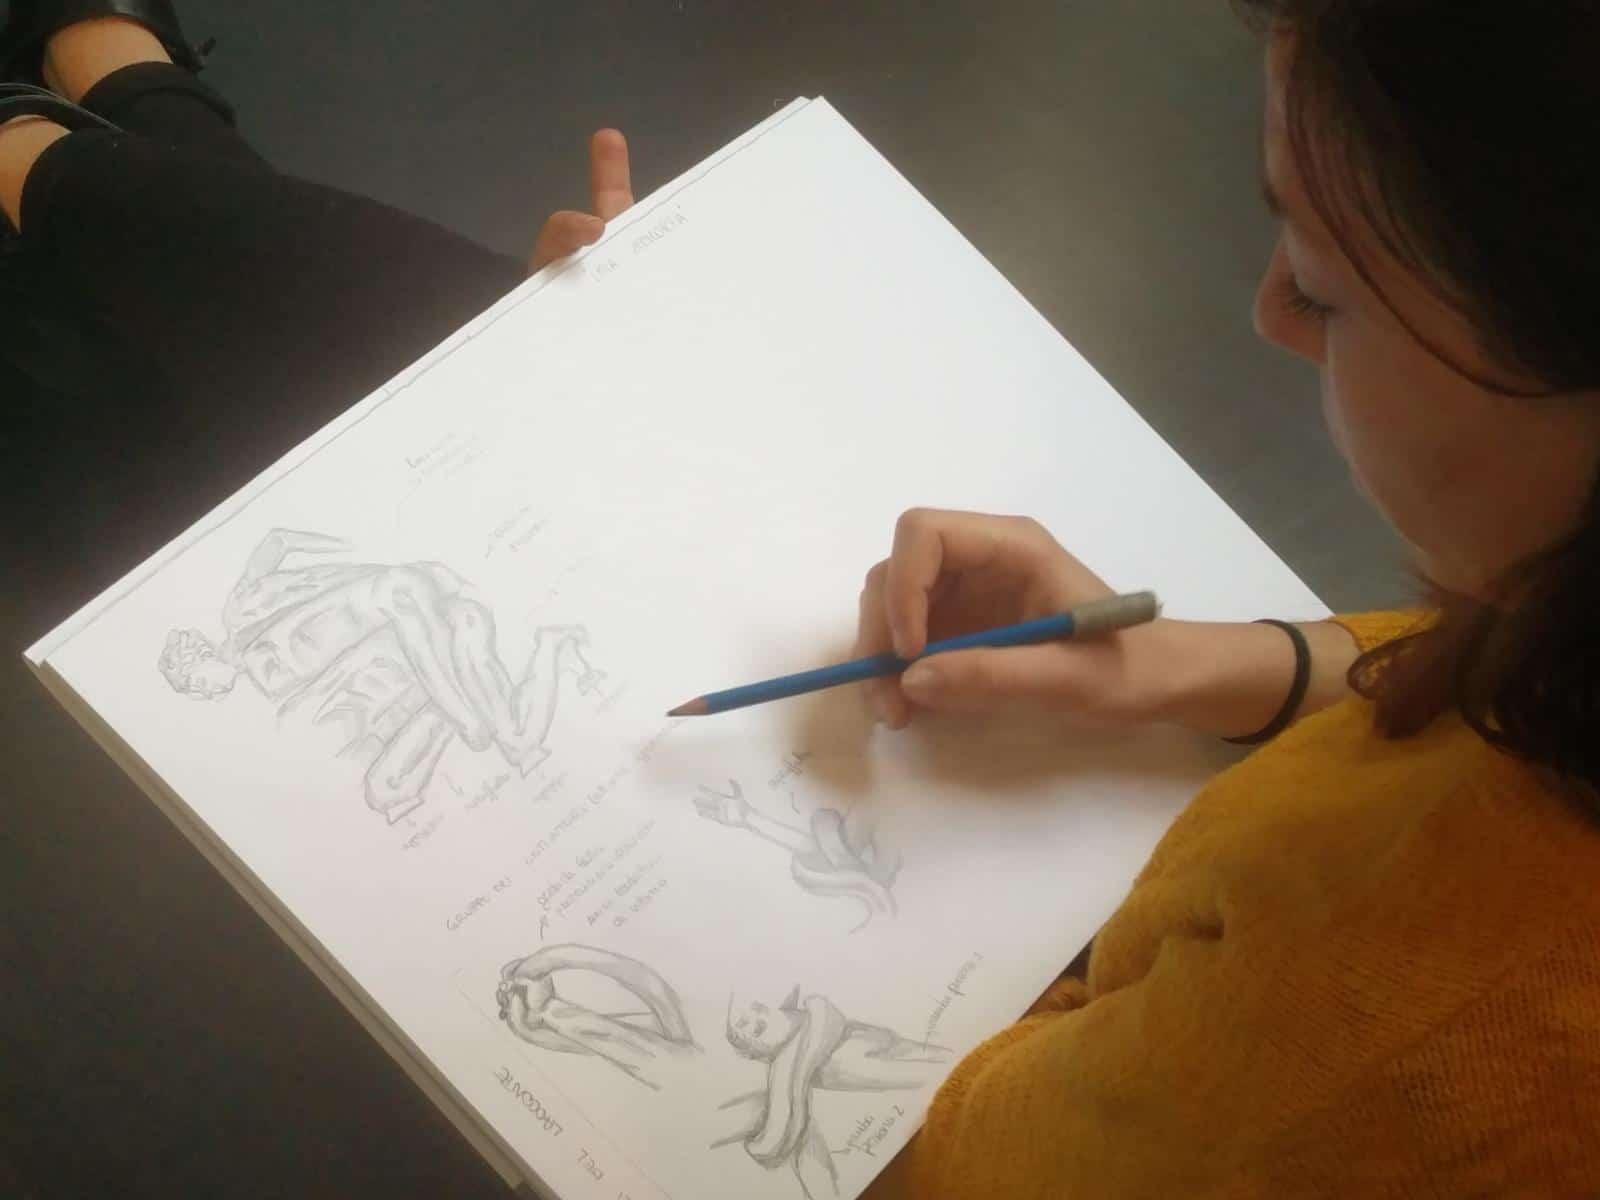 Studentessa disegna all'Accademia di Belle Arti di Perugia